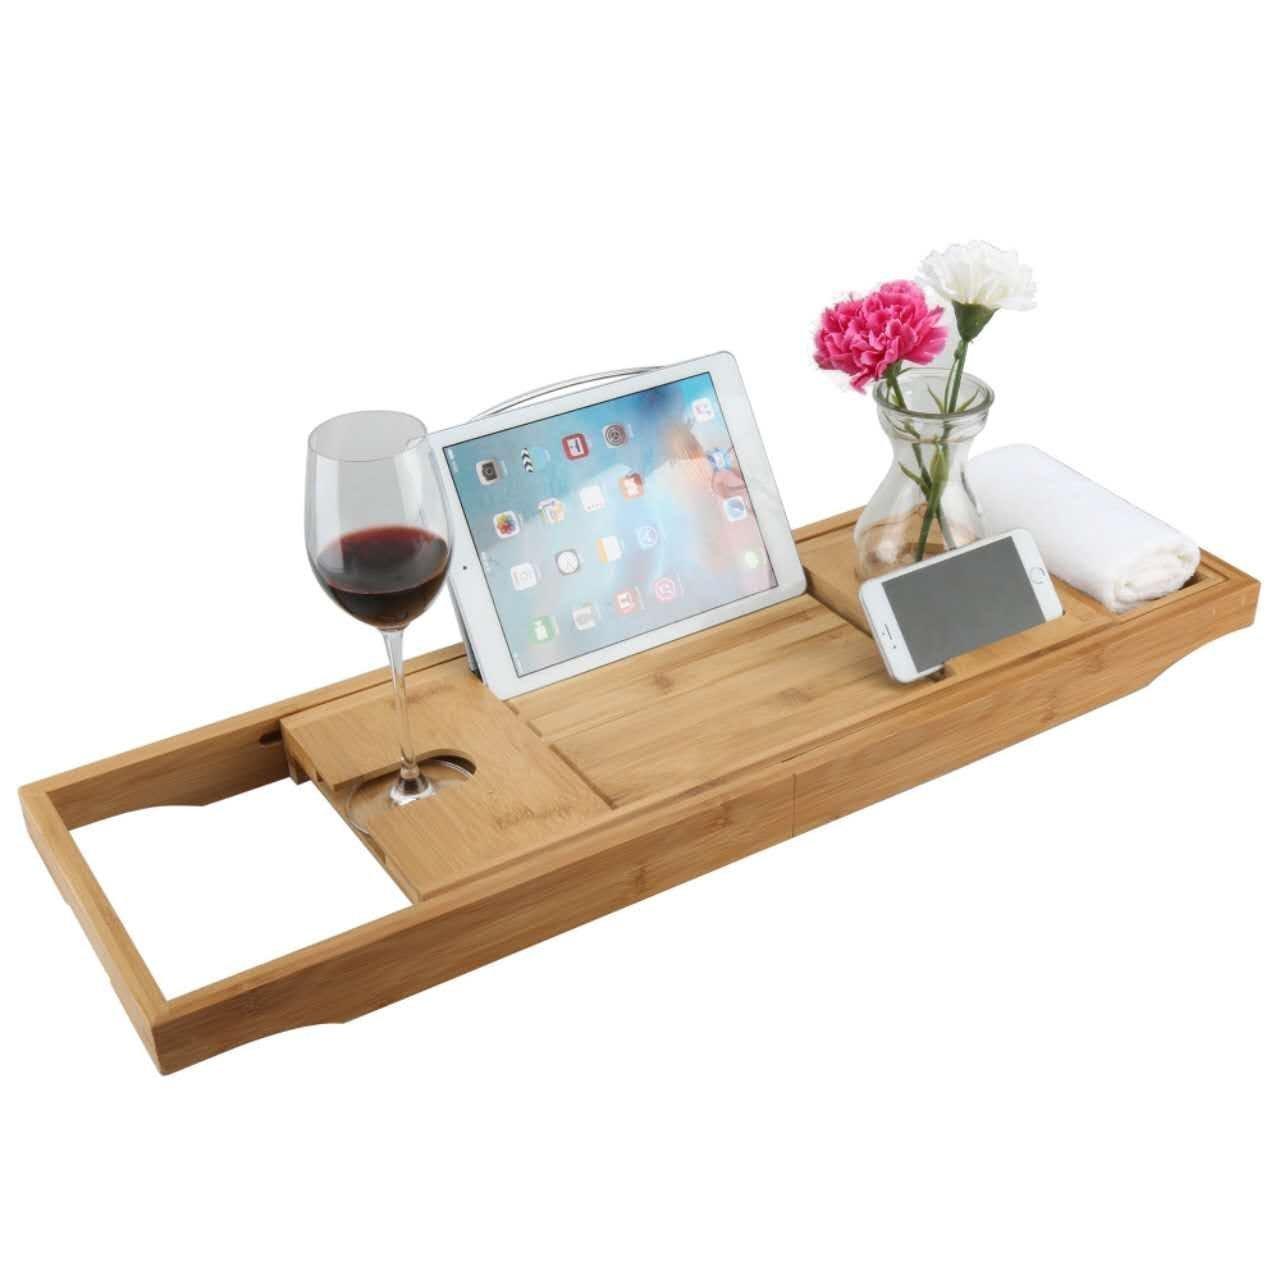 Luxury Wood Bamboo Bathtub Bath Tub Caddy Tray with Extending Sides ...